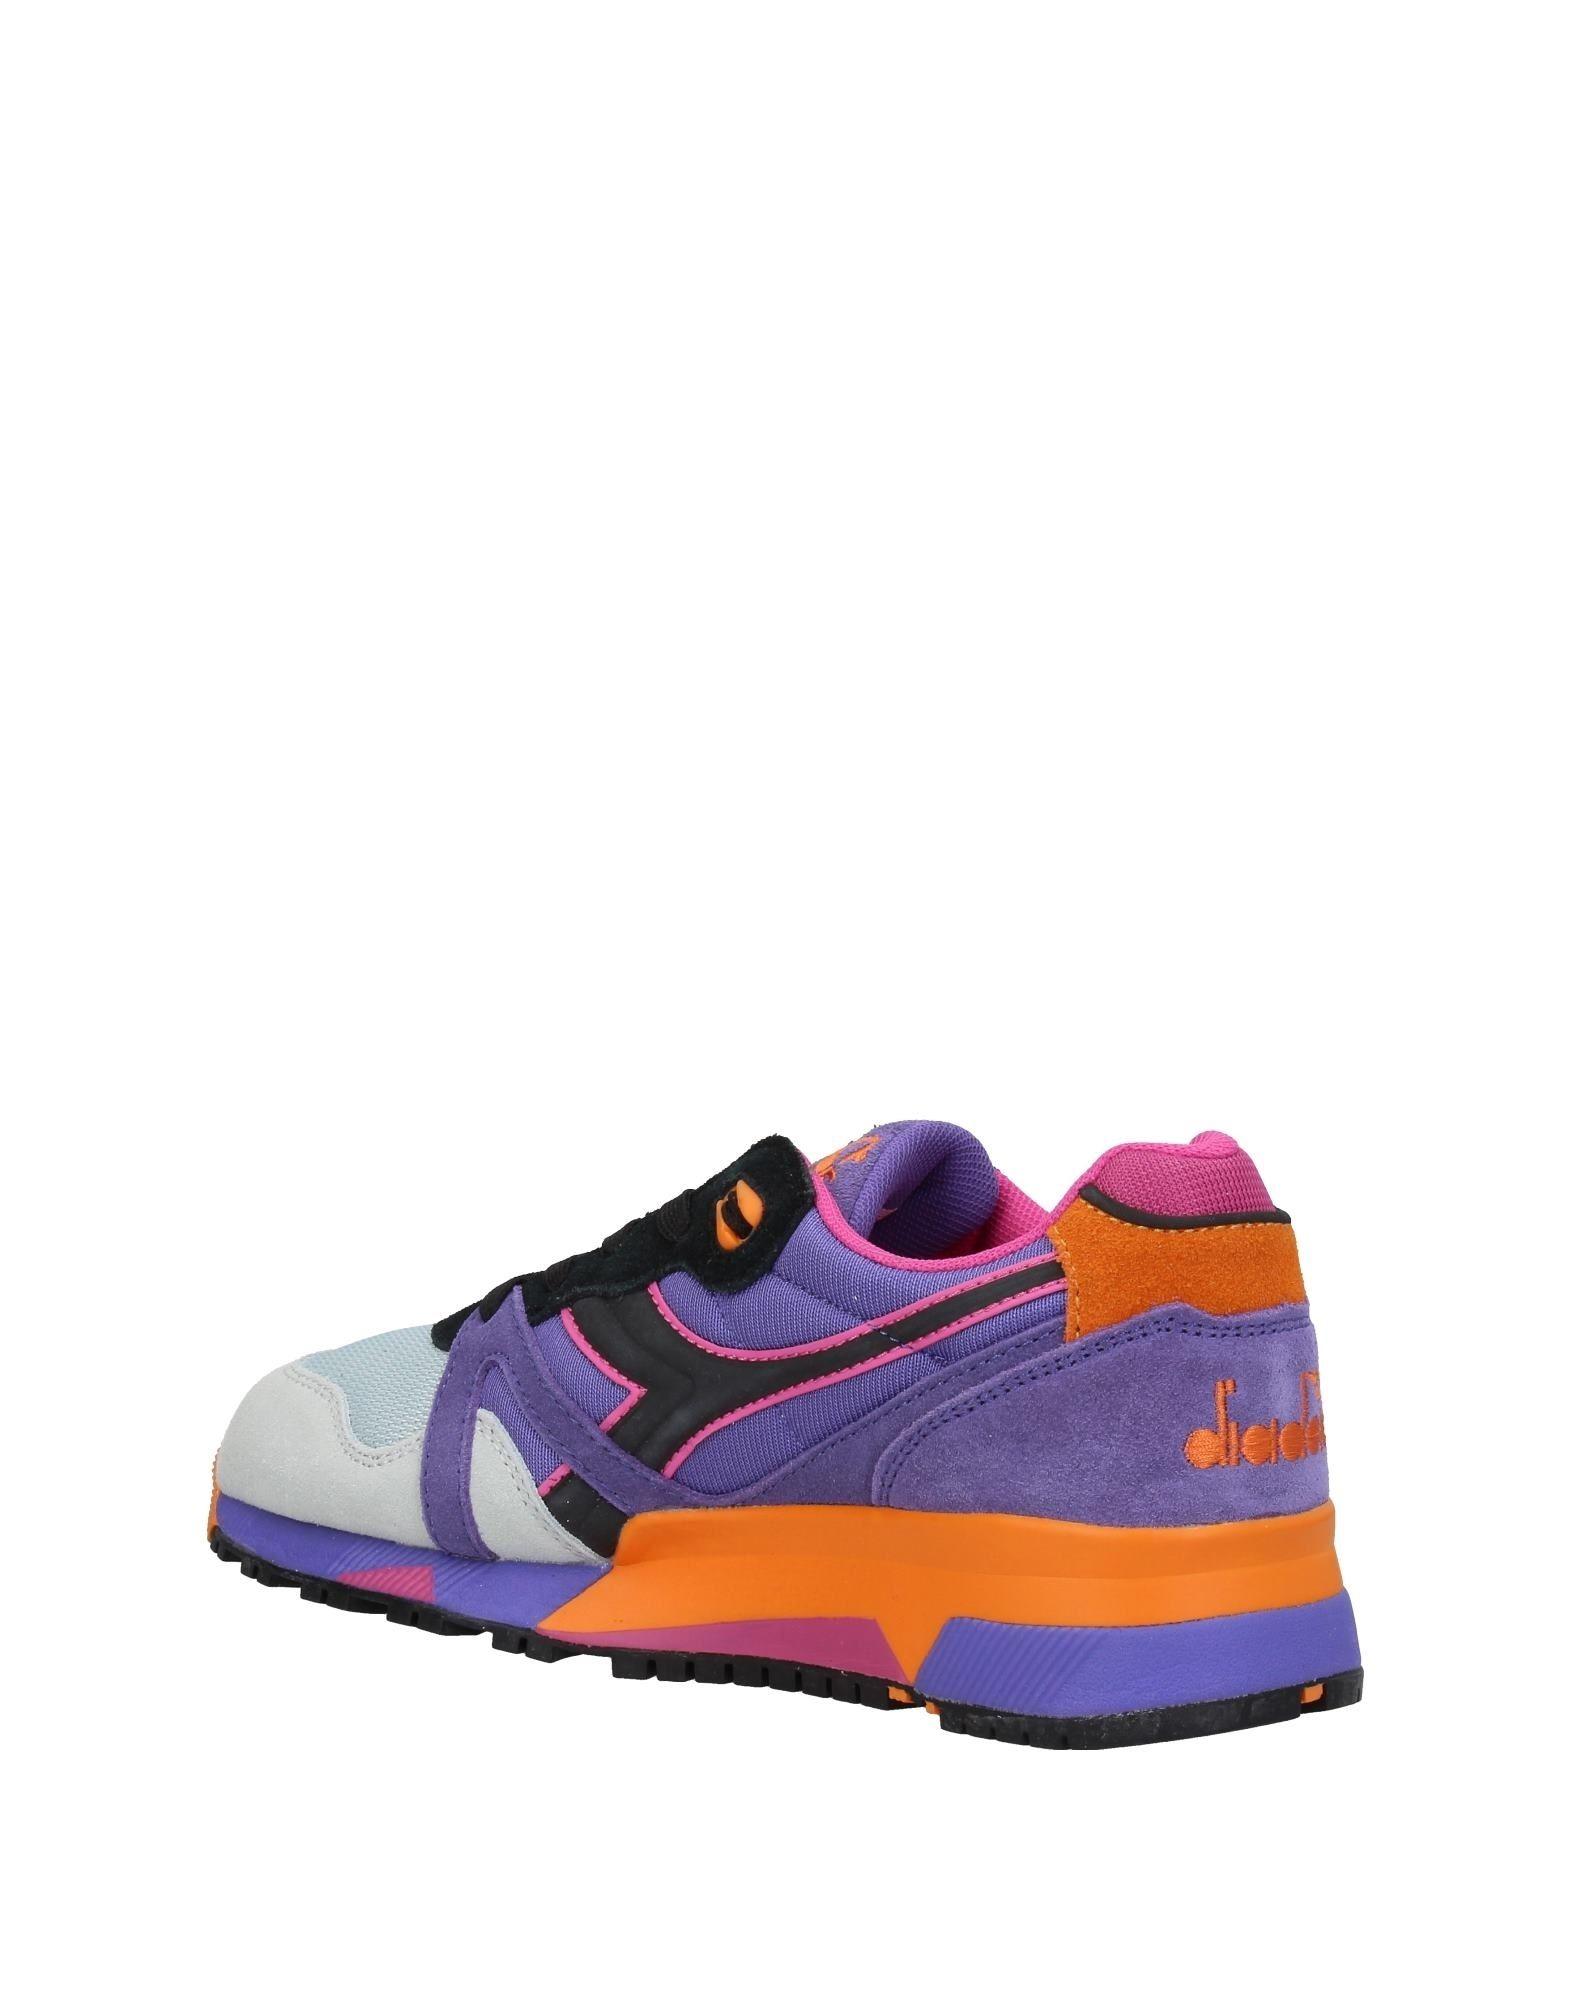 Diadora Sneakers Damen  11371793NC beliebte Gute Qualität beliebte 11371793NC Schuhe 771c26